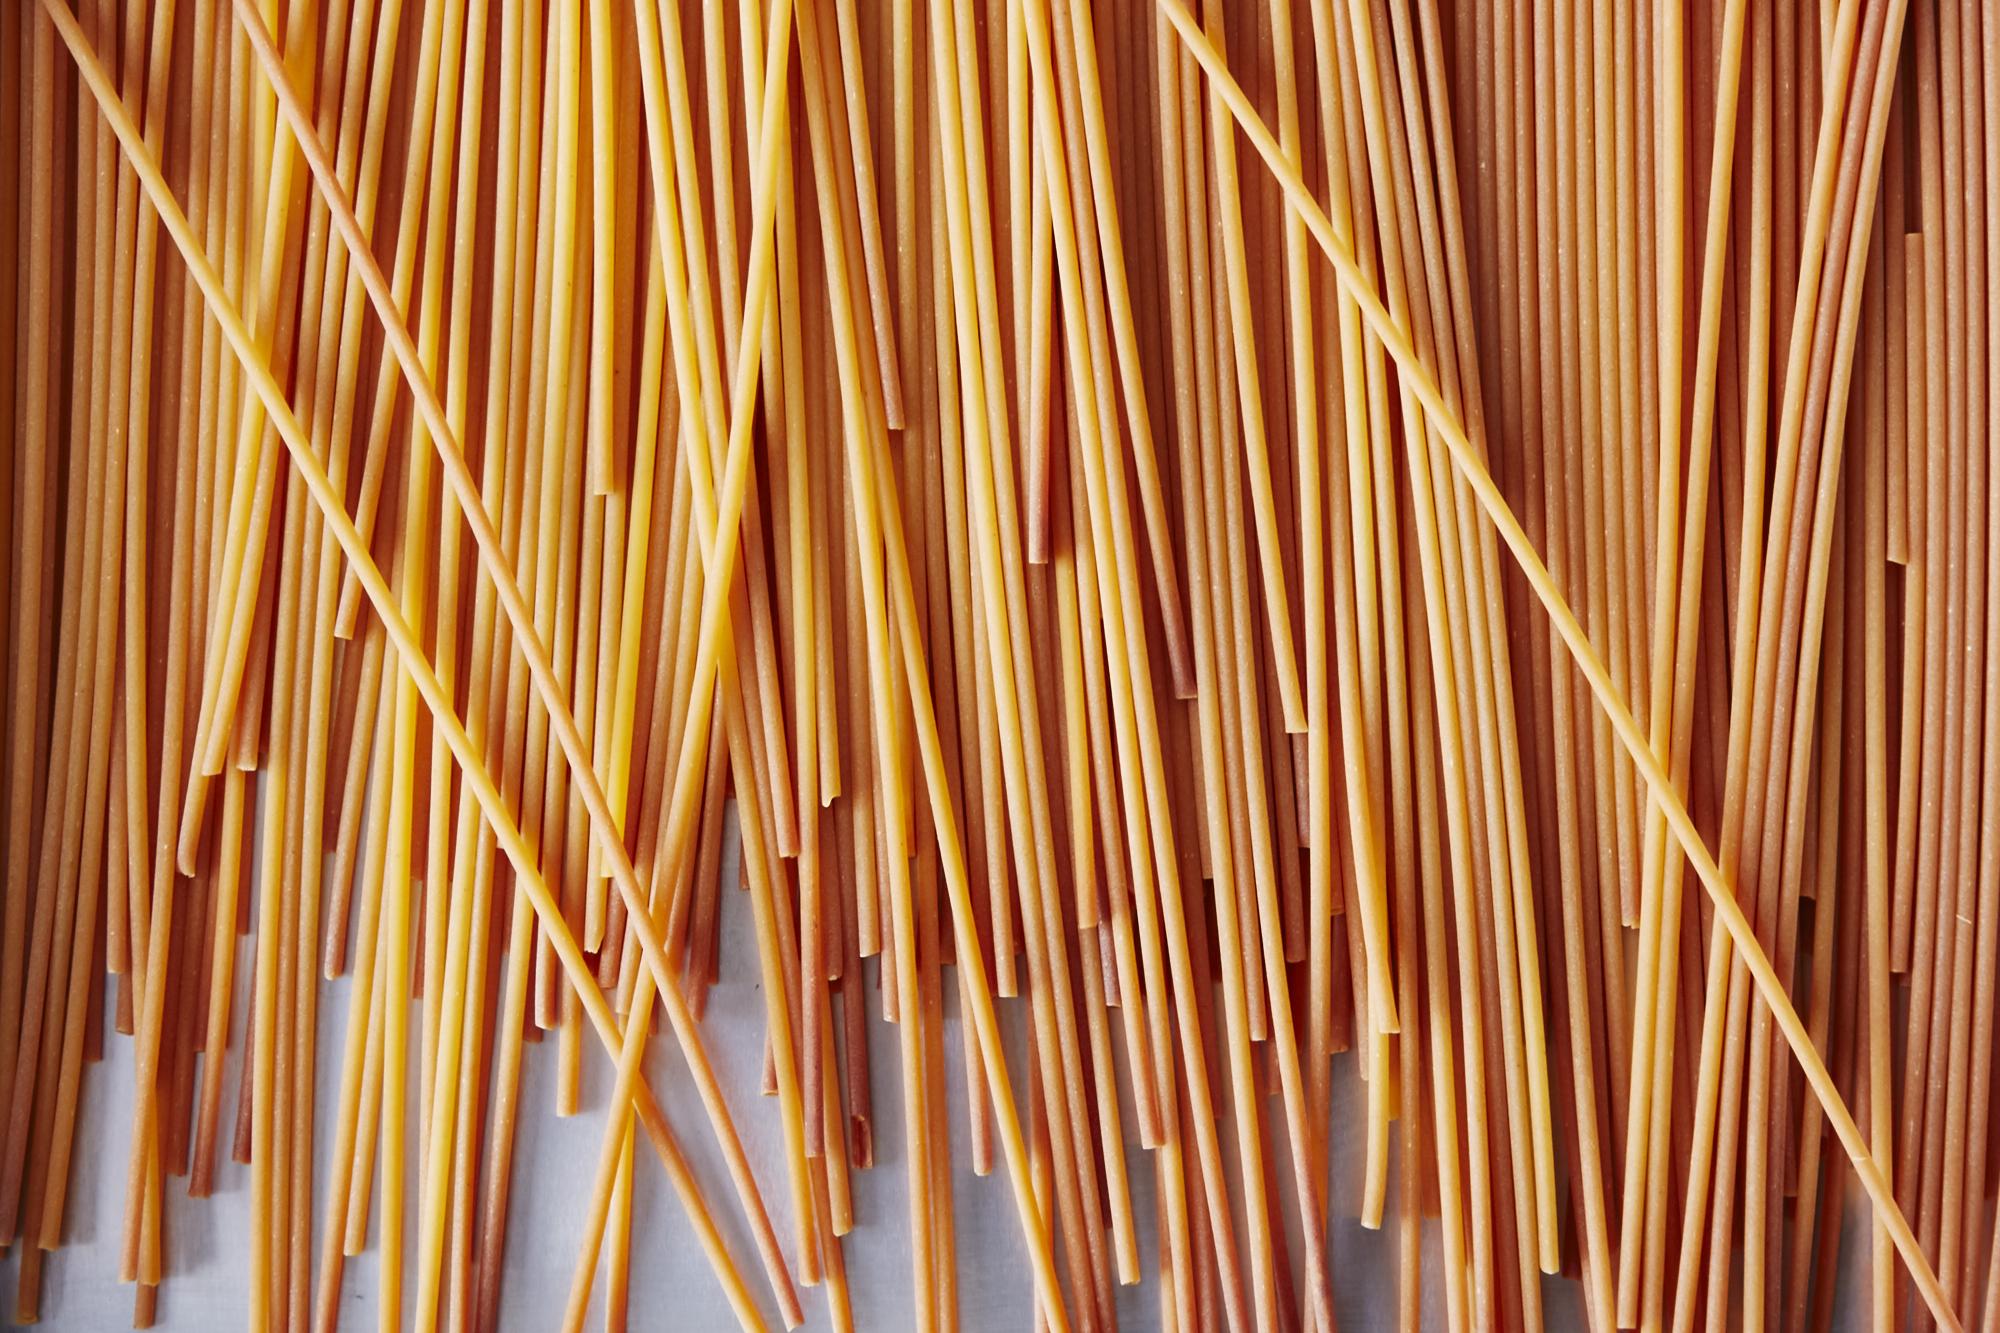 2016-0322_how-to-roast-pasta_bobbi-lin_3086 copy.jpg